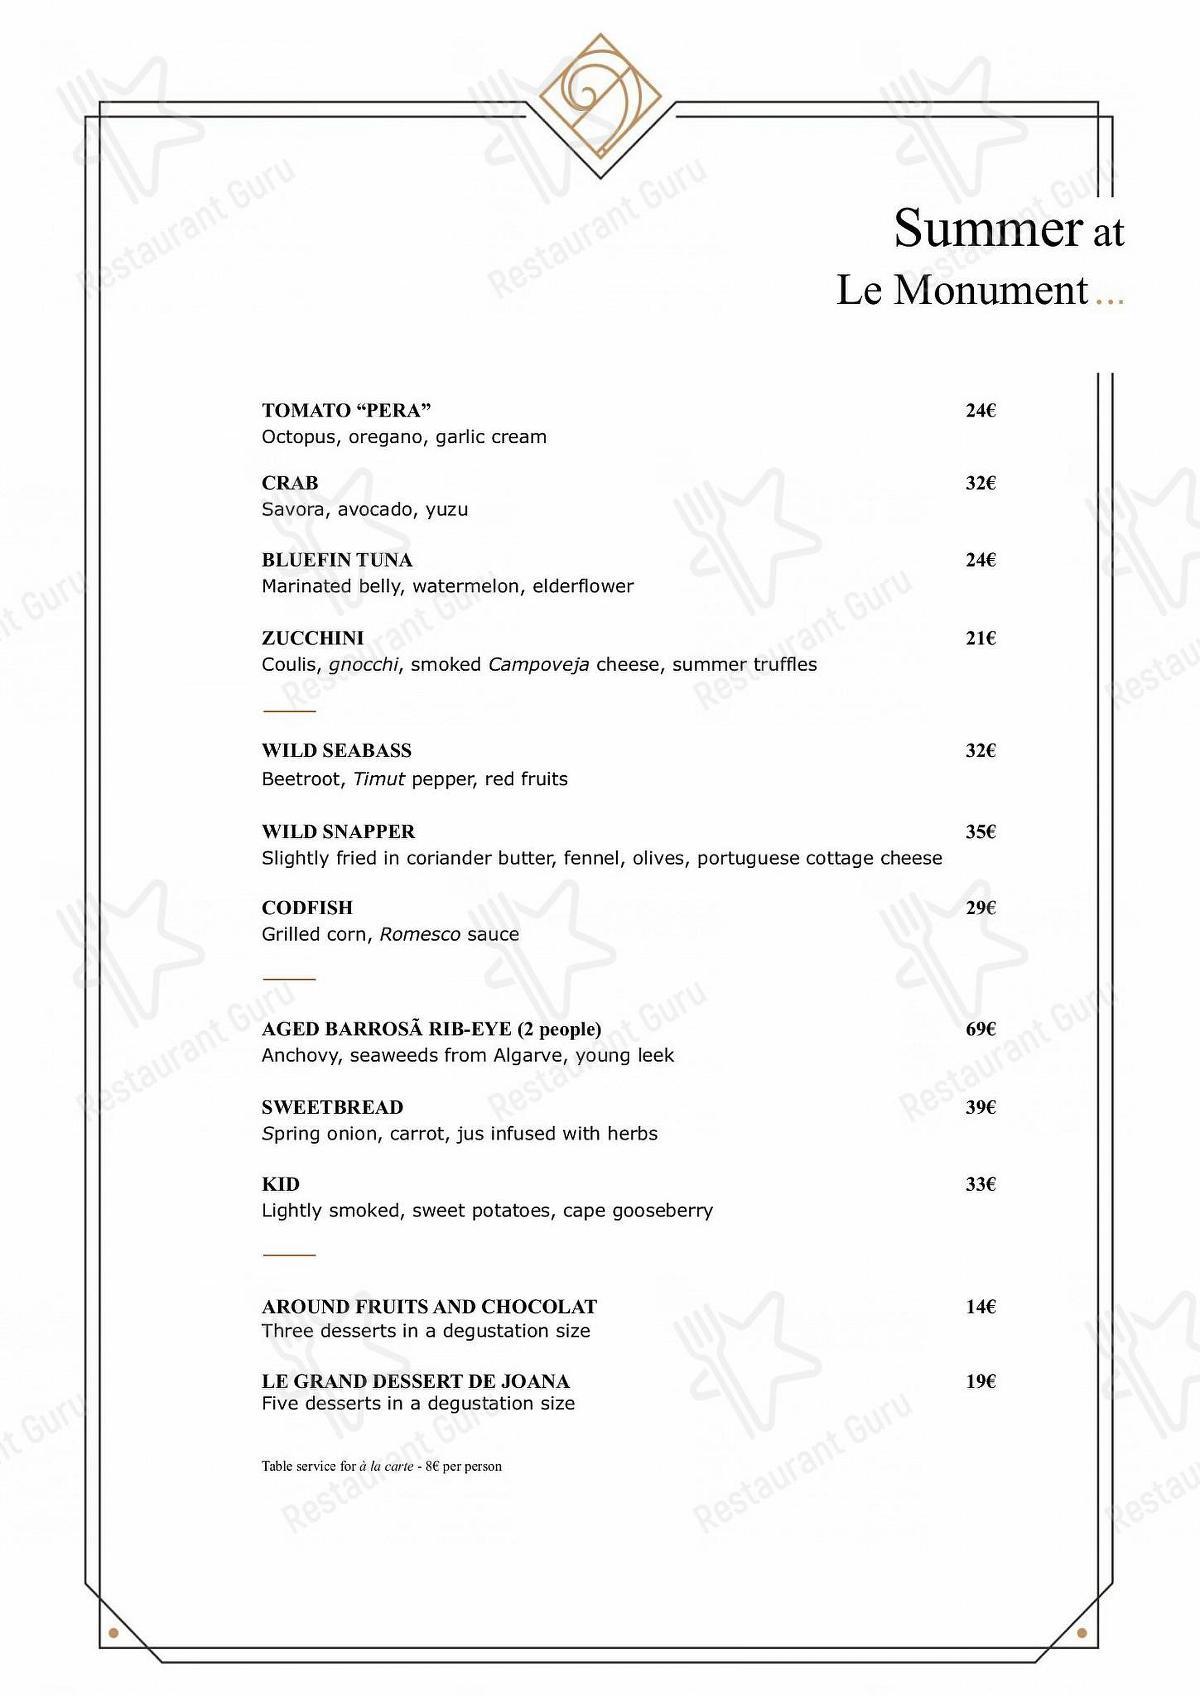 Le Monument menu - pratos e drinques